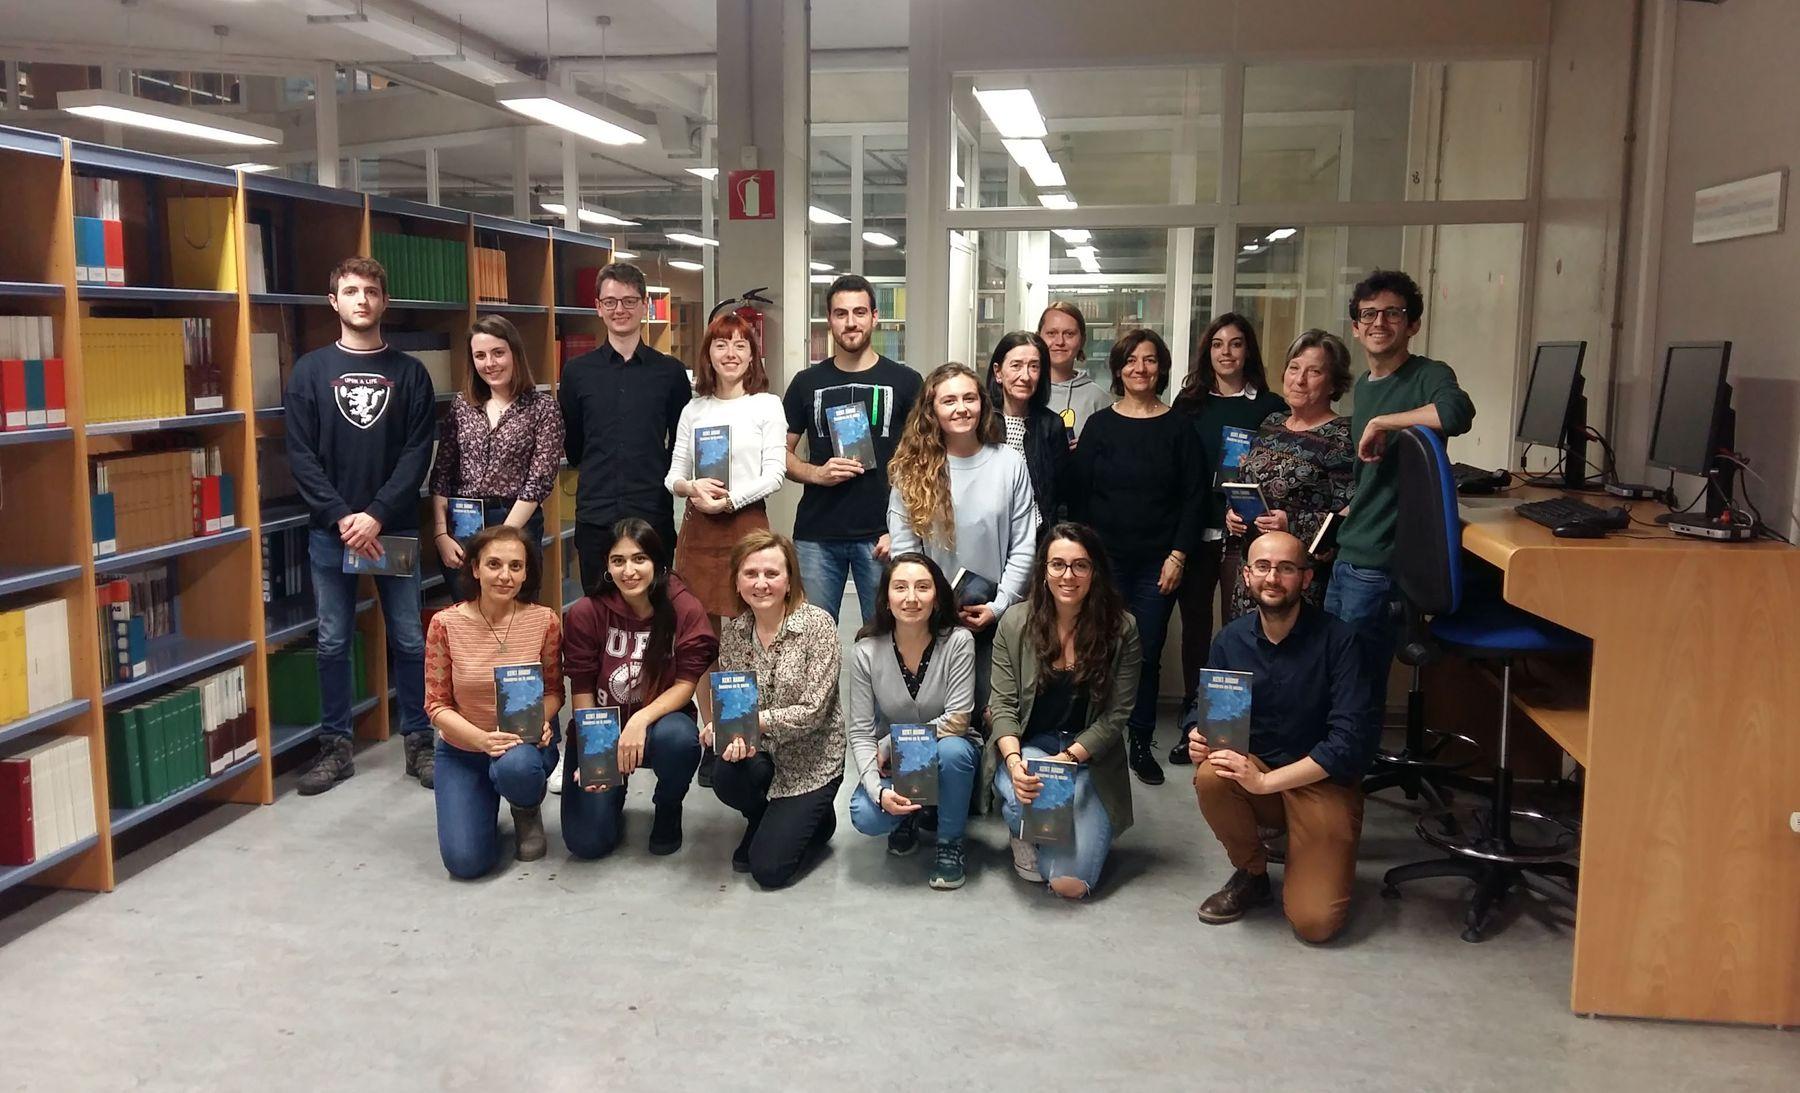 """El Club de Lectura de la UPNA posa en la Biblioteca del campus de Arrosadia con la última de las obras leídas: """"Nosotros en la noche""""."""